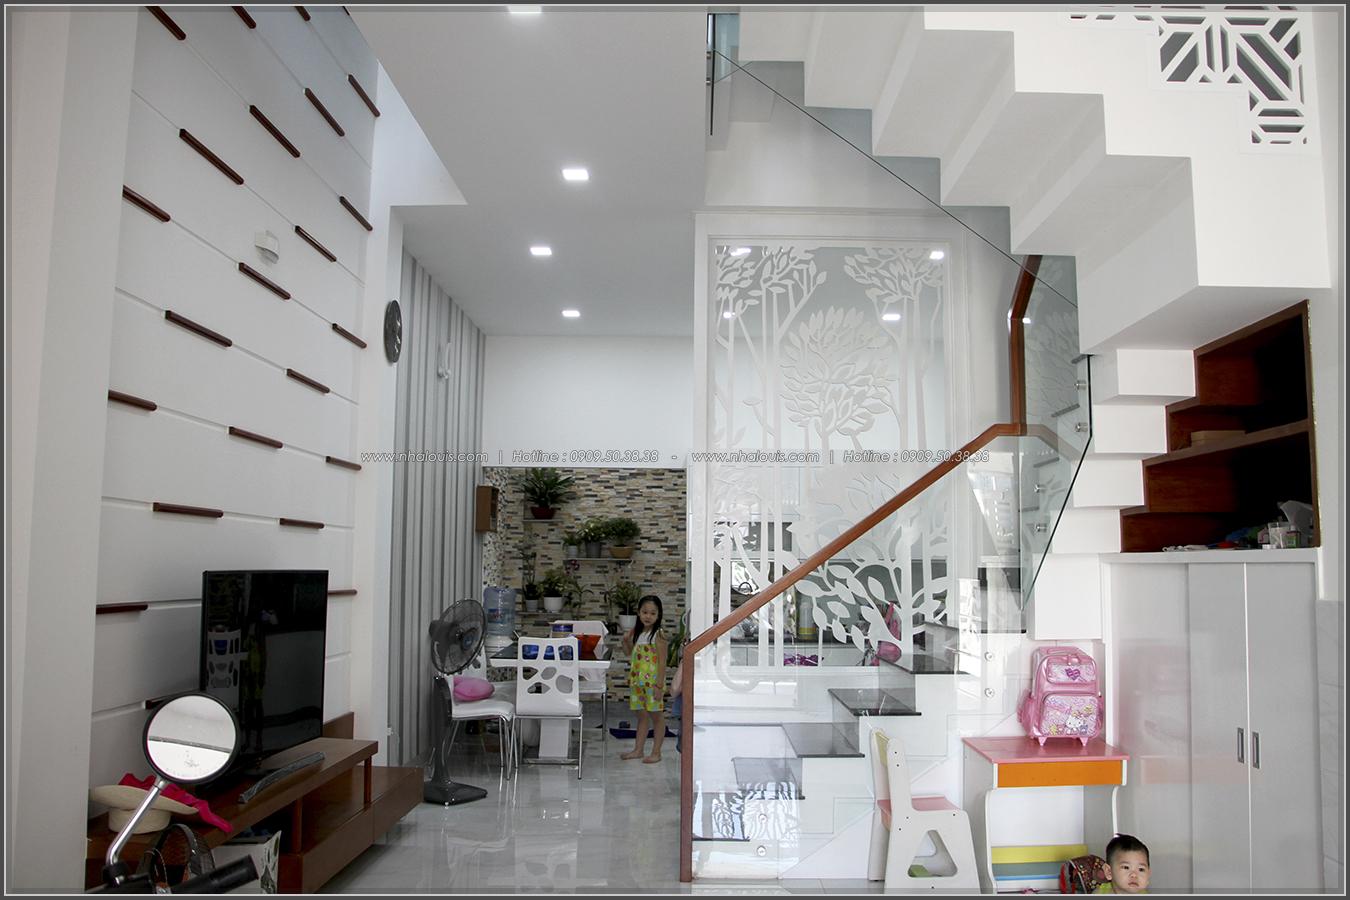 Thi công xây dựng nhà phố phong cách hiện đại cao 3 tầng tại Tân Phú - 03